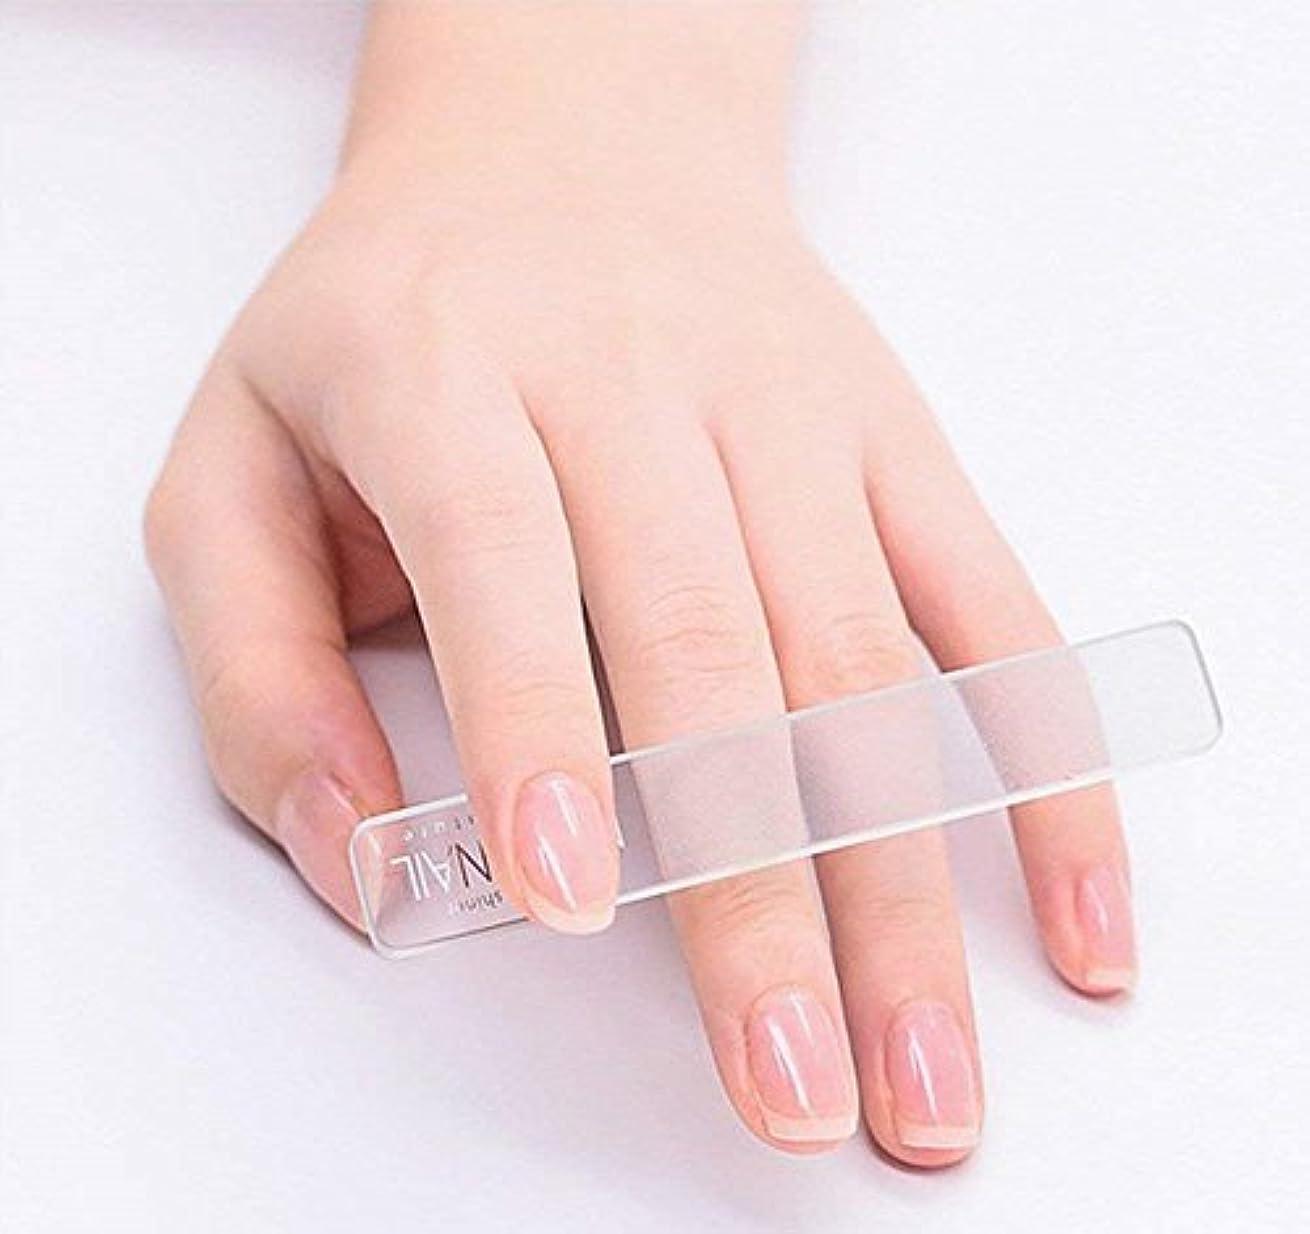 貢献する当社鋭くSmartRICH ガラス製ネイルファイル ネイル, 透明ガラスNano研磨 絶妙 爪やすり 爪磨き 立体ナノネイルファイル ネイルケア用品 美しい指先 光沢長持ち